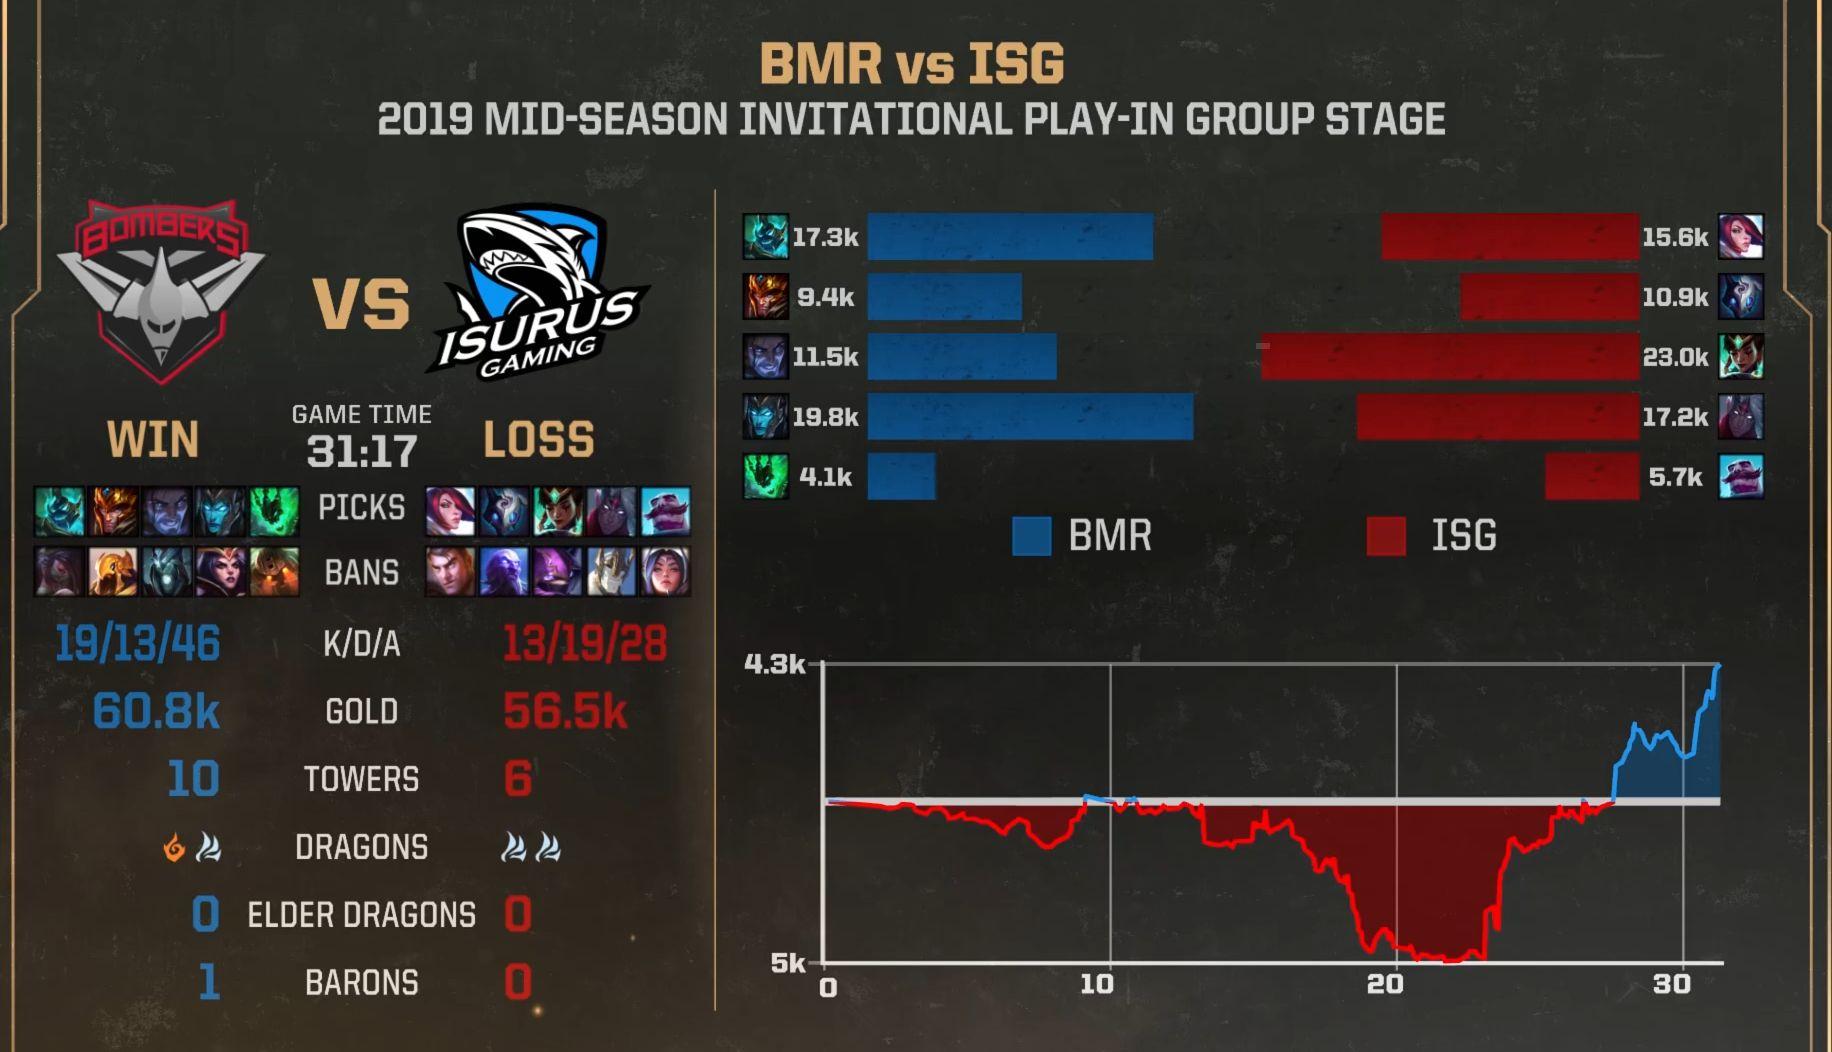 【战报】人马多次绕后扳回劣势,BMR击败ISG拿下首胜